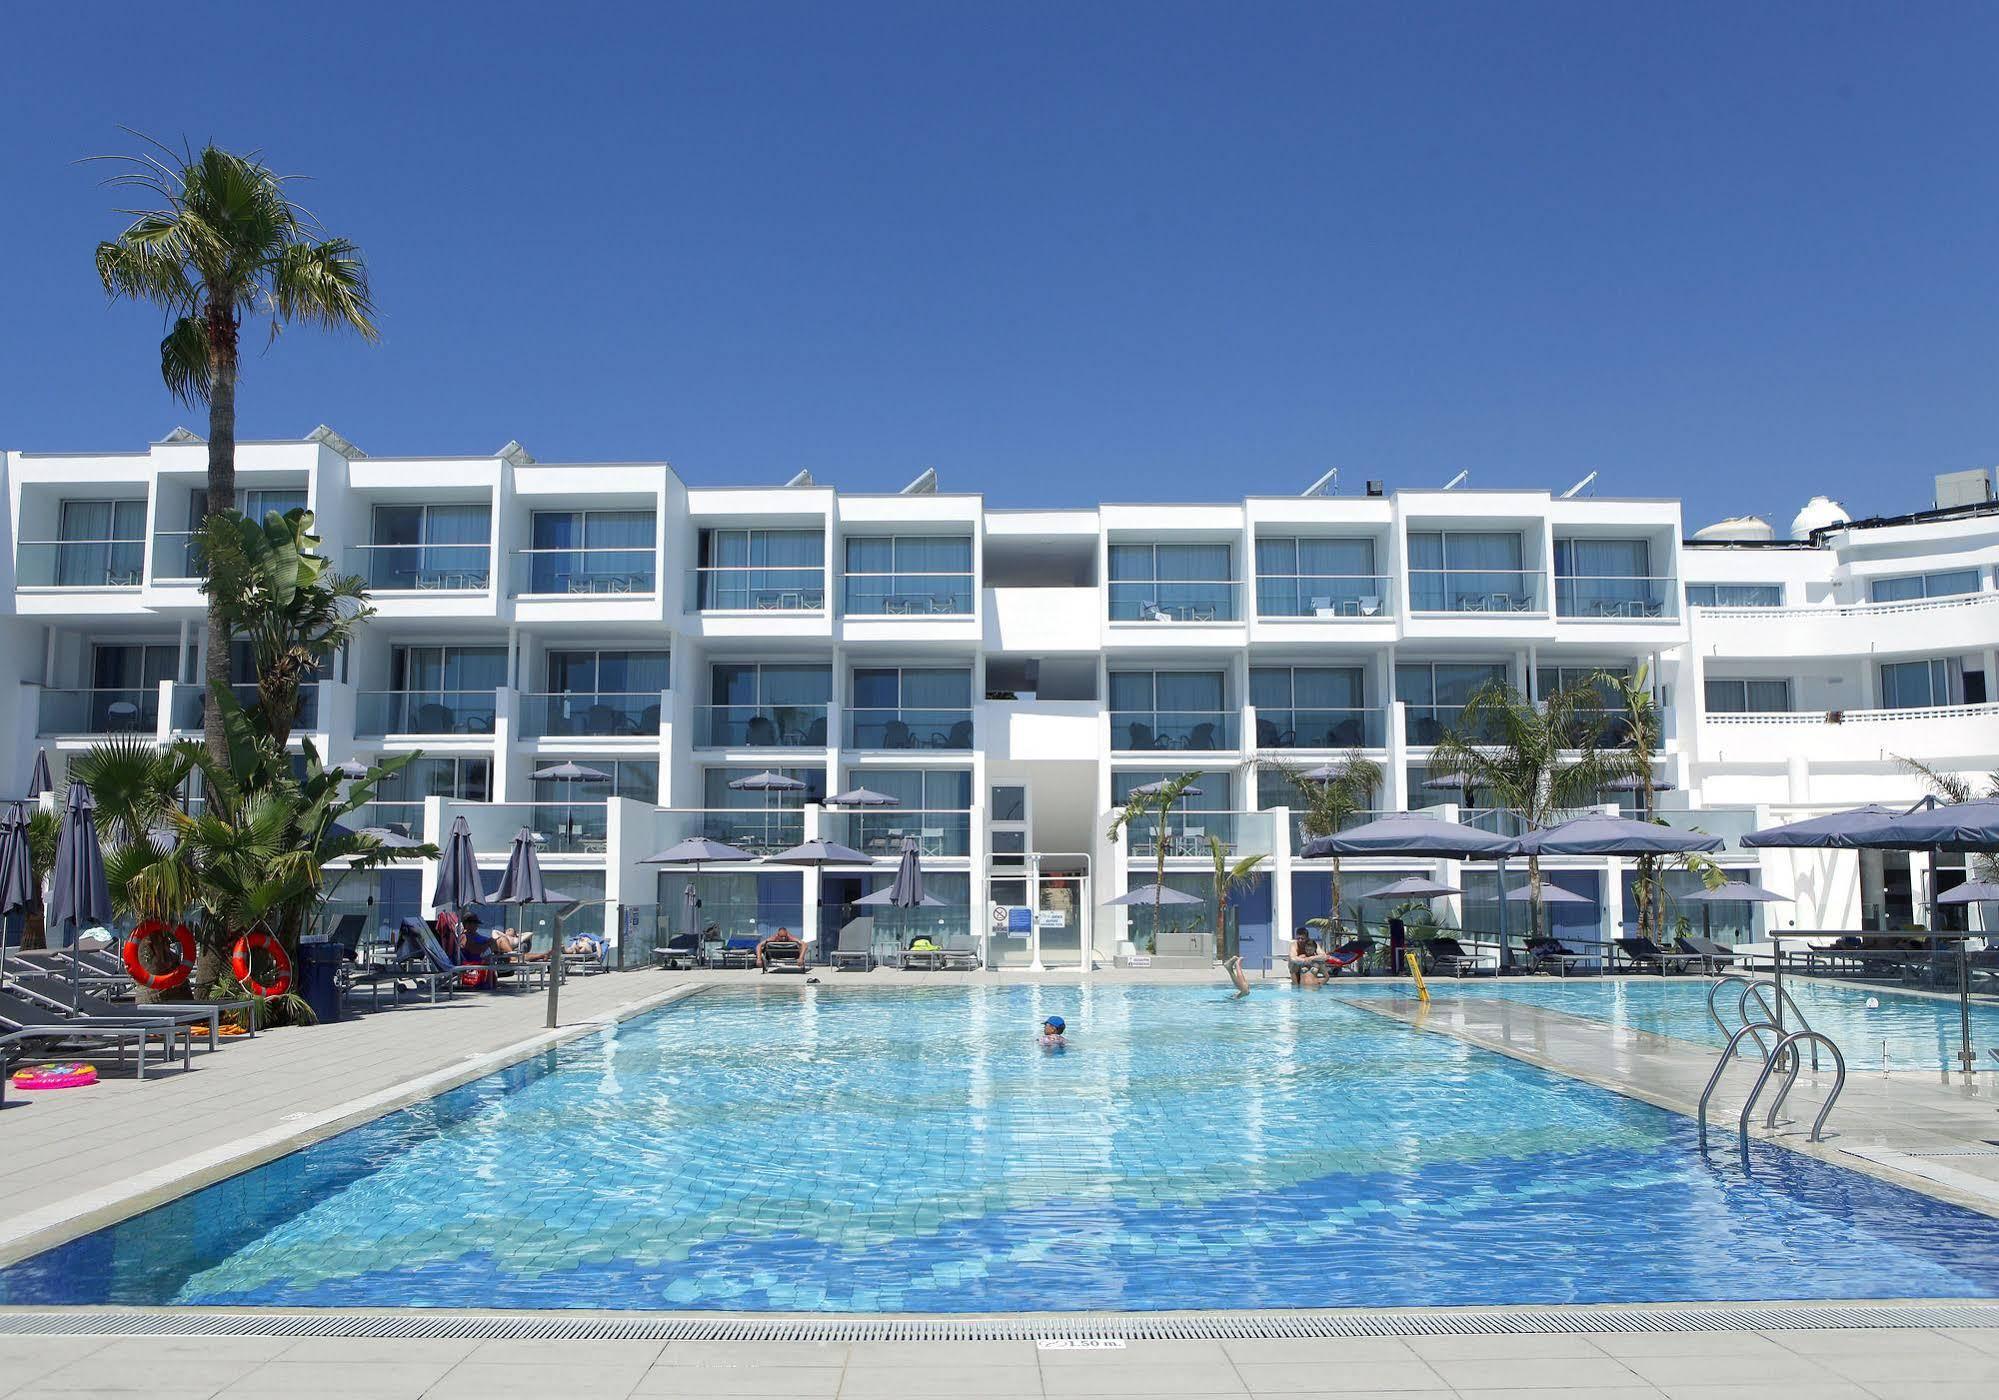 CYPR - LATO 2021: Limanaki Beach Hotel & Suites****, 8 dni (21-28.04.2021 r.), dwa posiłki: 2198,00 PLN/os. dorosła